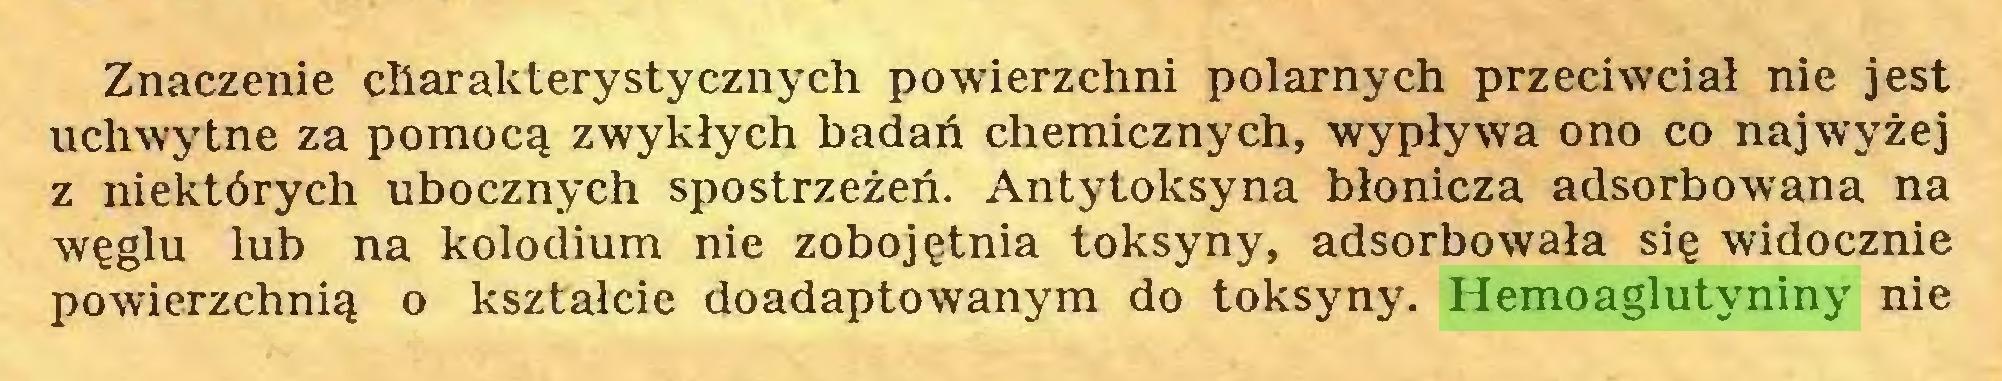 (...) Znaczenie charakterystycznych powierzchni polarnych przeciwciał nie jest uchwytne za pomocą zwykłych badań chemicznych, wypływa ono co najwyżej z niektórych ubocznych spostrzeżeń. Antytoksyna błonicza adsorbowana na węglu lub na kolodium nie zobojętnia toksyny, adsorbowała się widocznie powierzchnią o kształcie doadaptowanym do toksyny. Hemoaglutyniny nie...